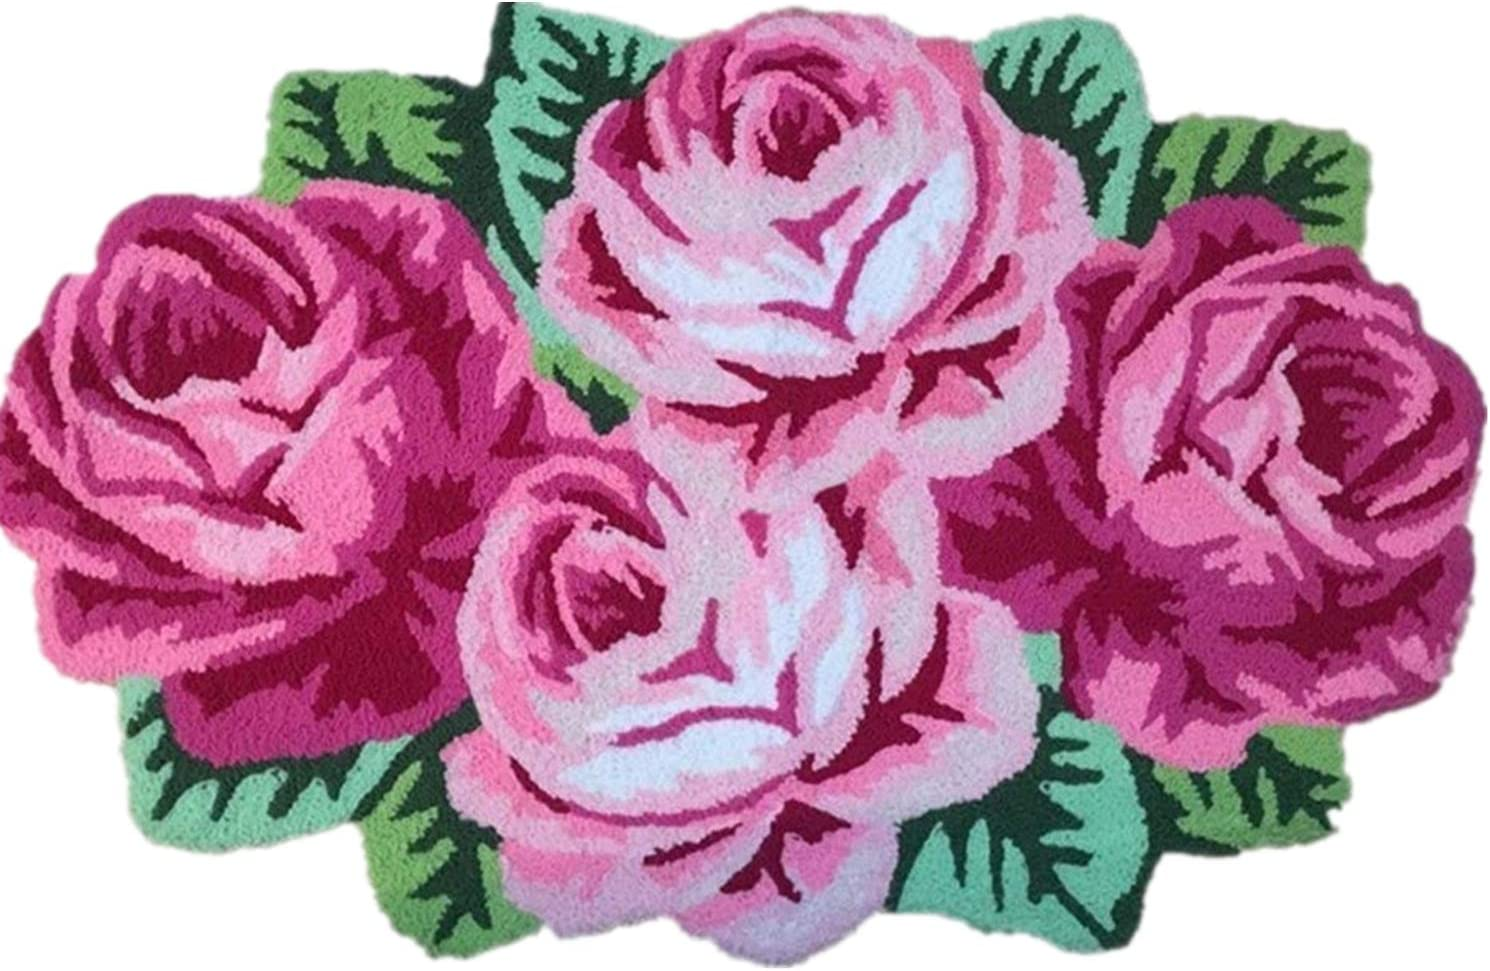 Abreeze 4 Rose Rug Pink Handmade Bathmat Floral Rug Girls Bedroom Rugs Washable Non-Slip Floor Carpets